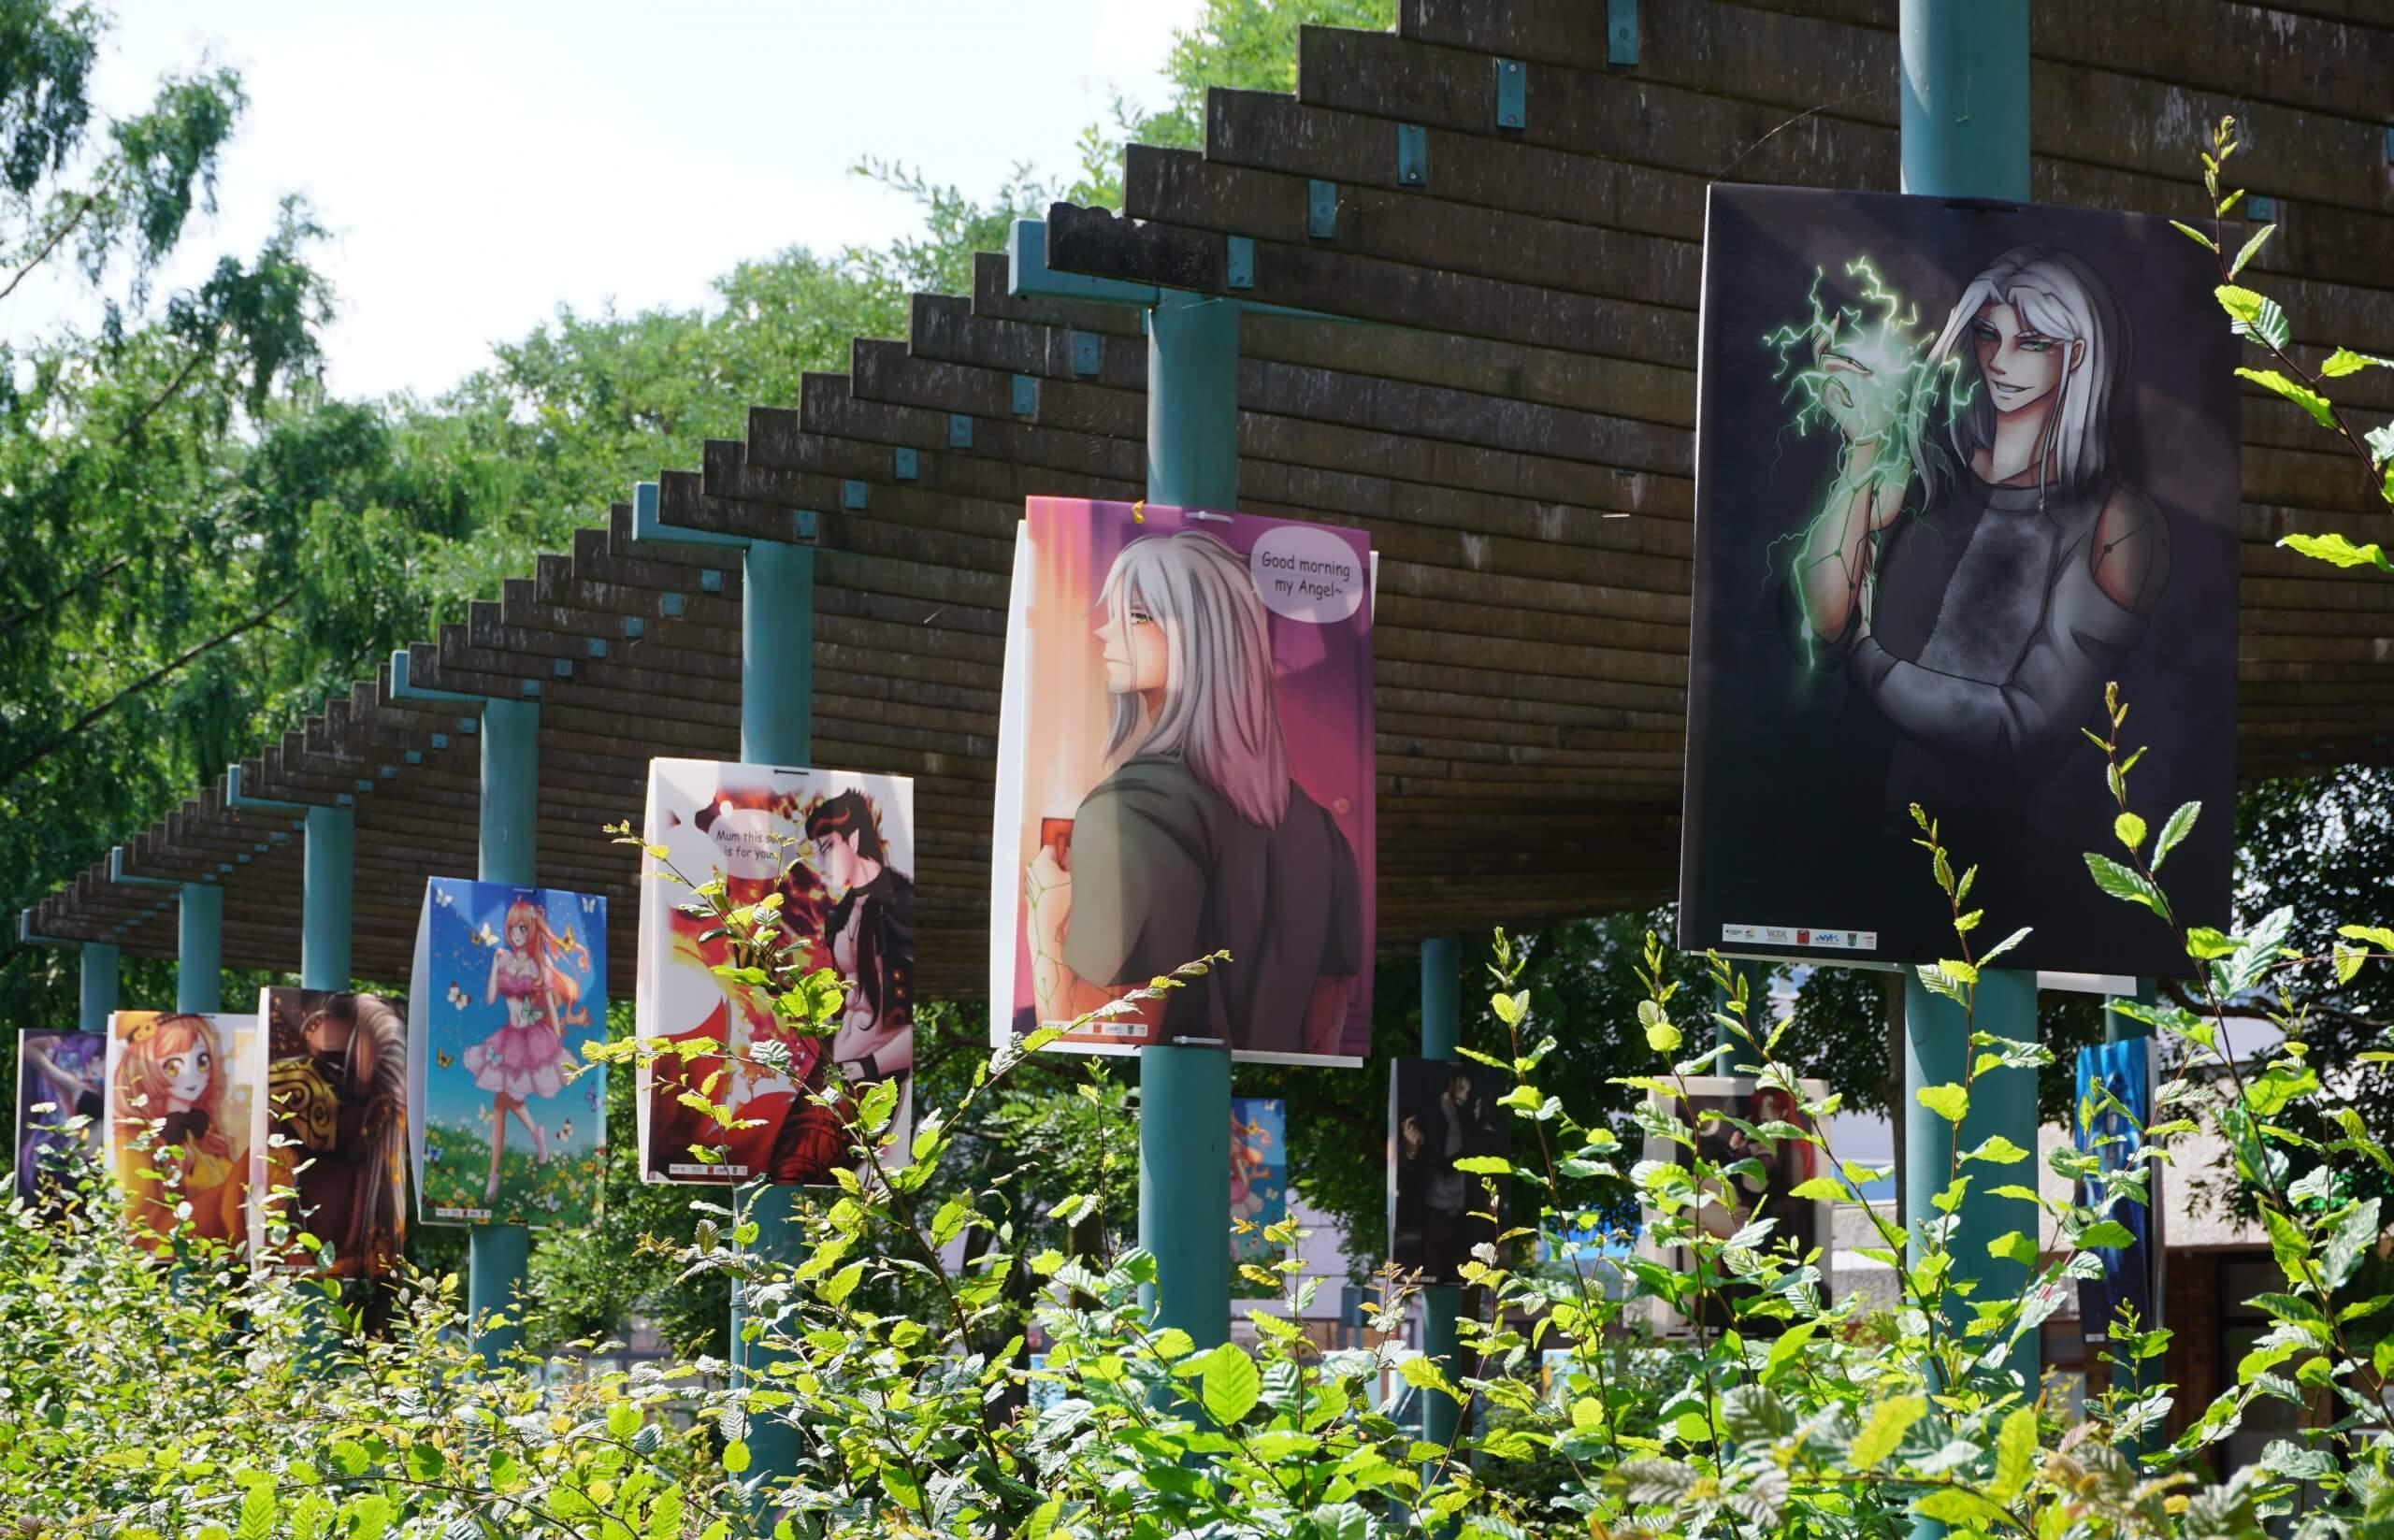 Das Bild zeigt den Blick von Außen auf eine Reihe von Mangas, die in der Pergola angebracht sind.